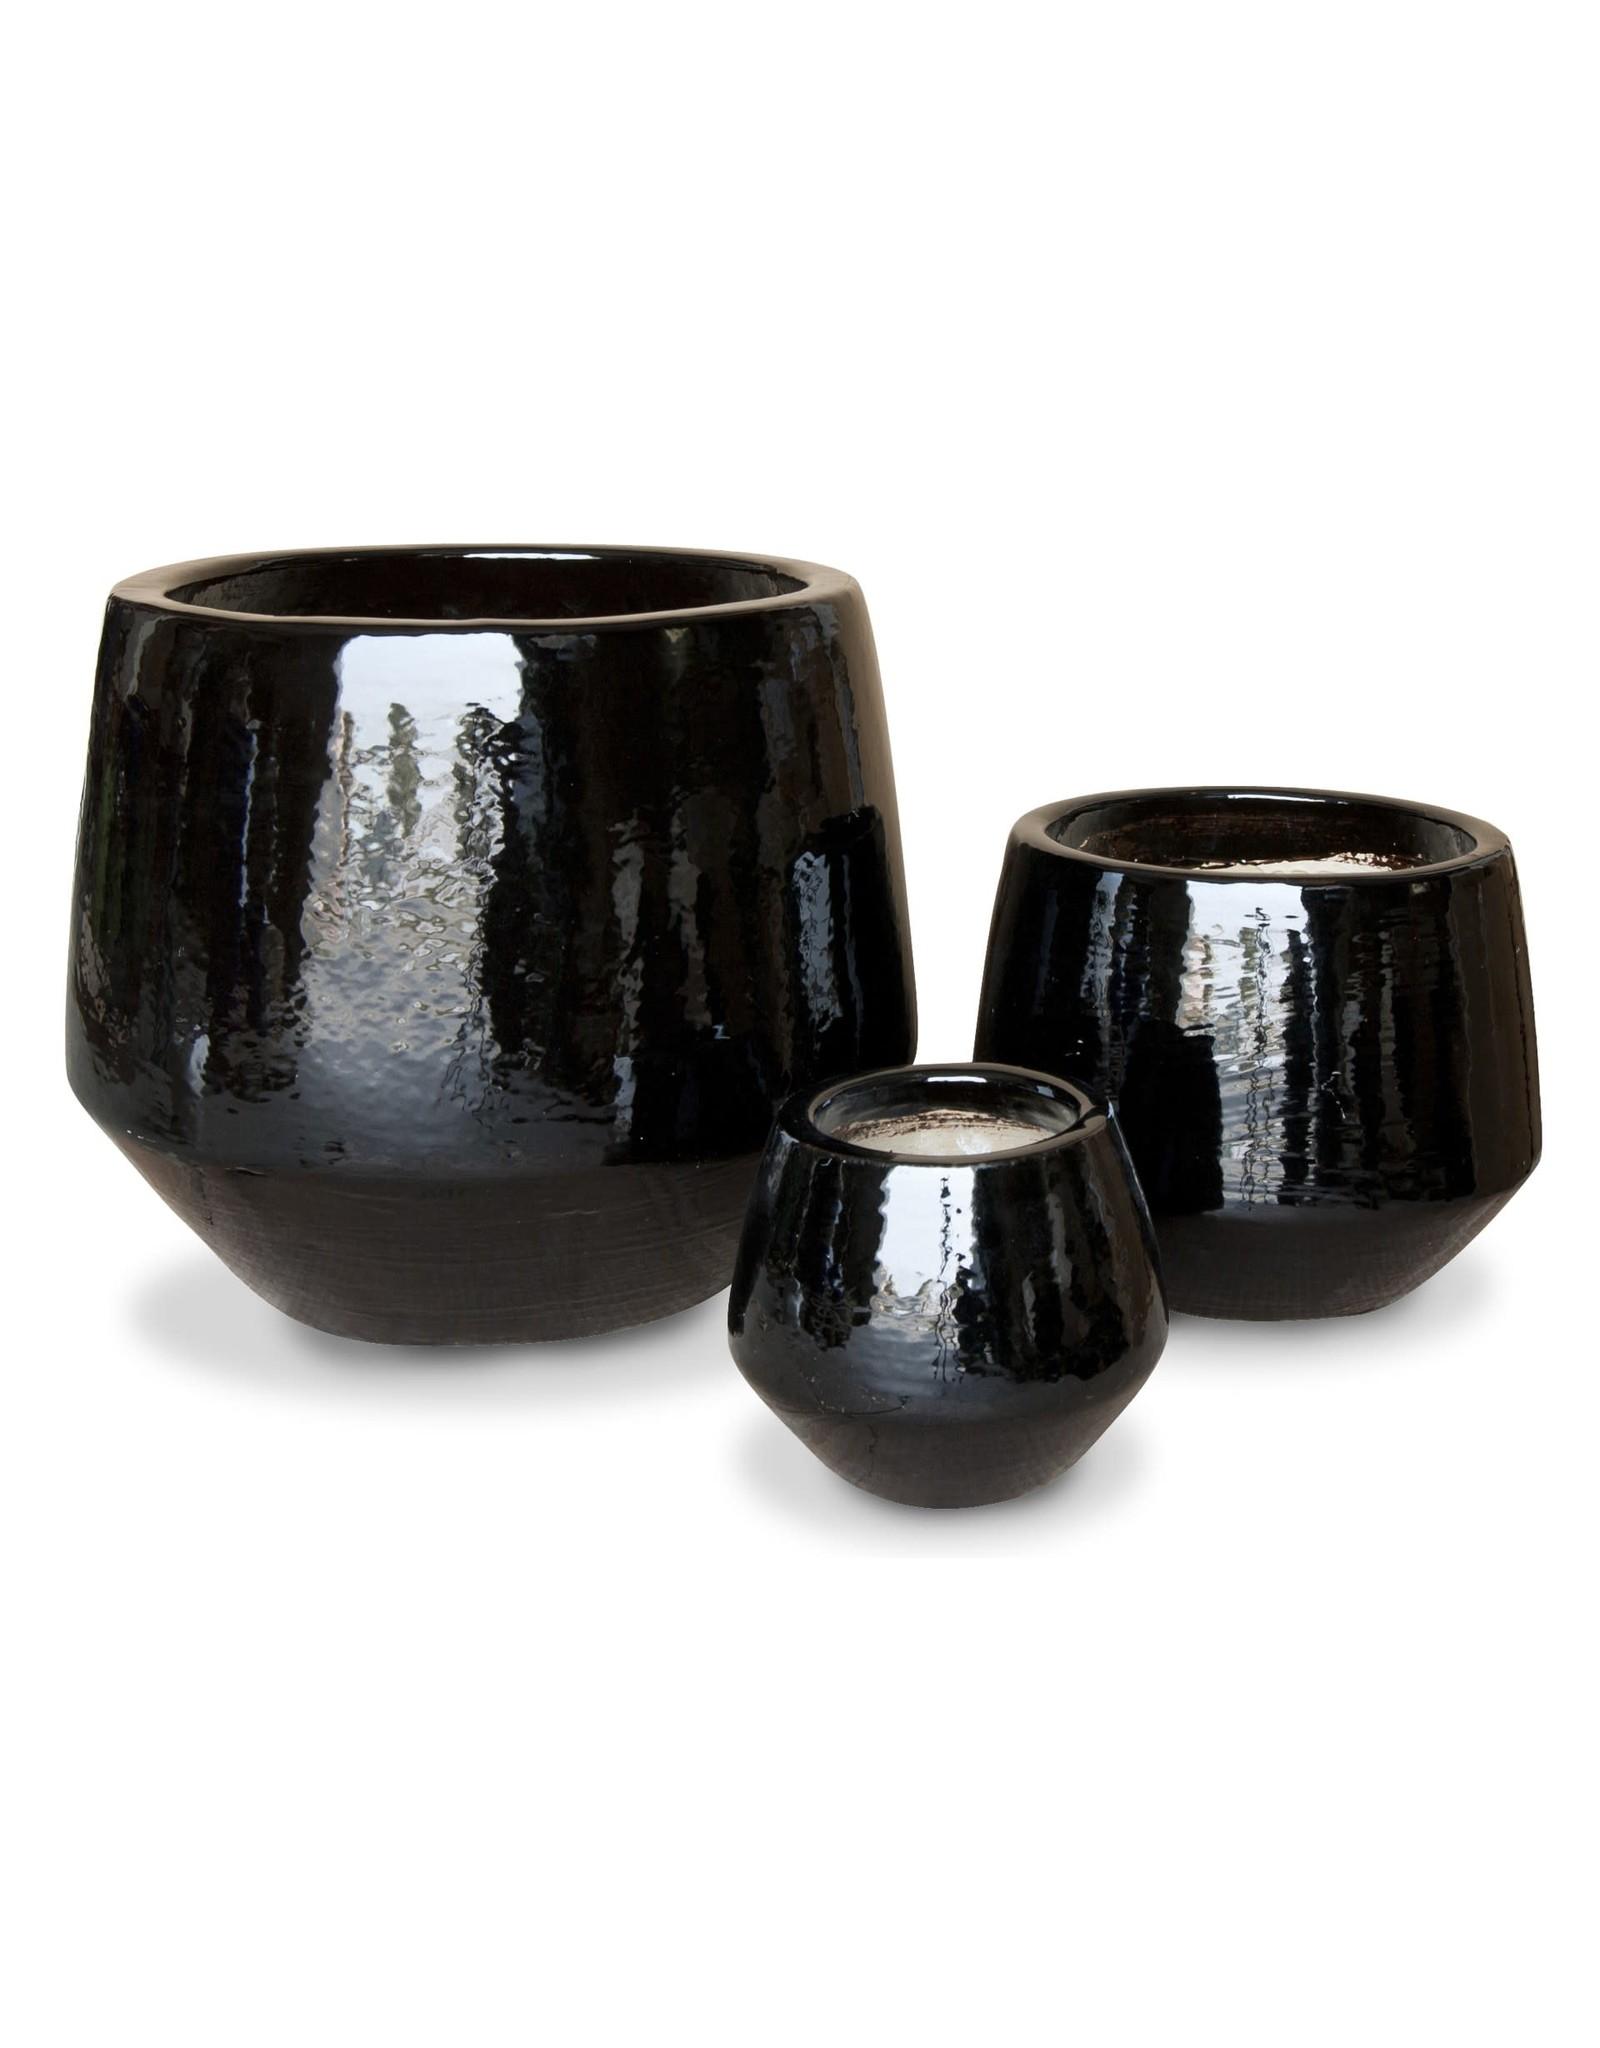 Undercut Egg Pot - Gloss Black L